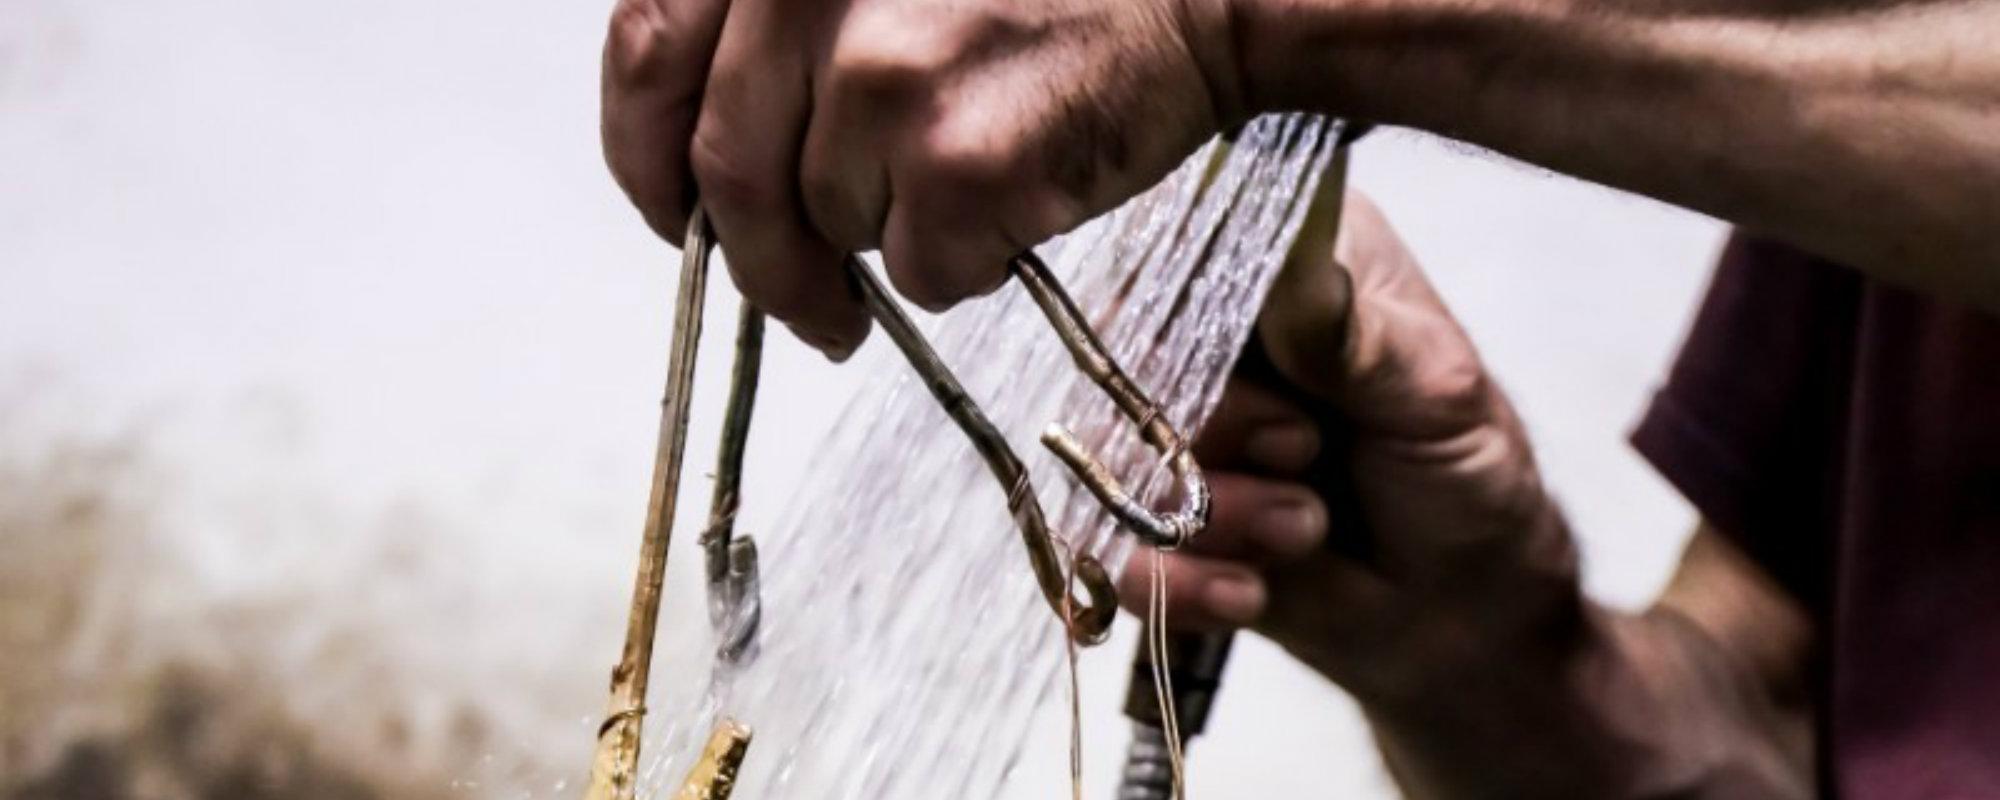 diseño de lujo y artesanía Diseño de Lujo y Artesanía: Un evento que nó puedes perder en 2018 Feature 3